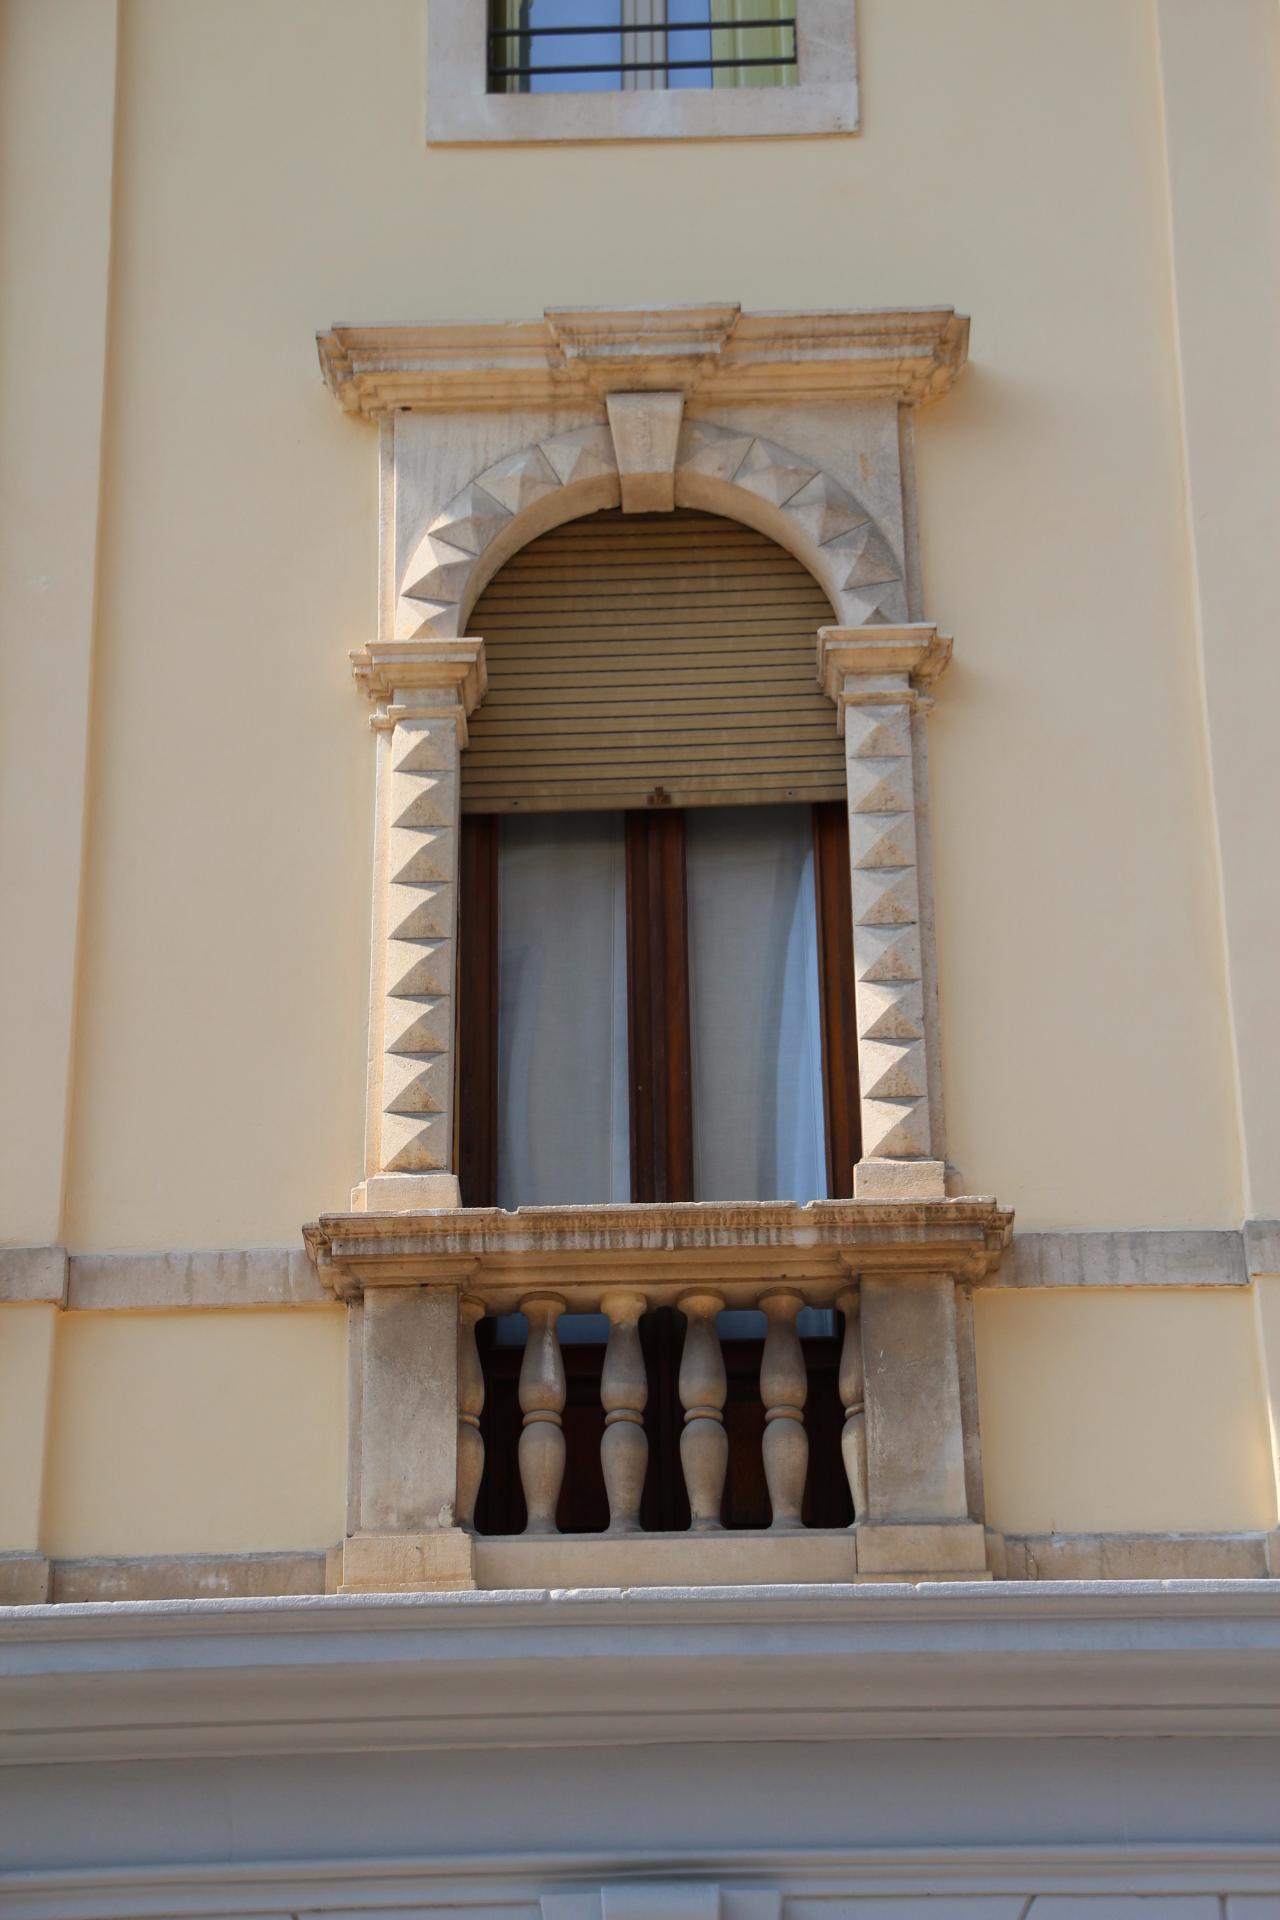 Foto di finestre di marmo con balcone - Foto di finestre ...